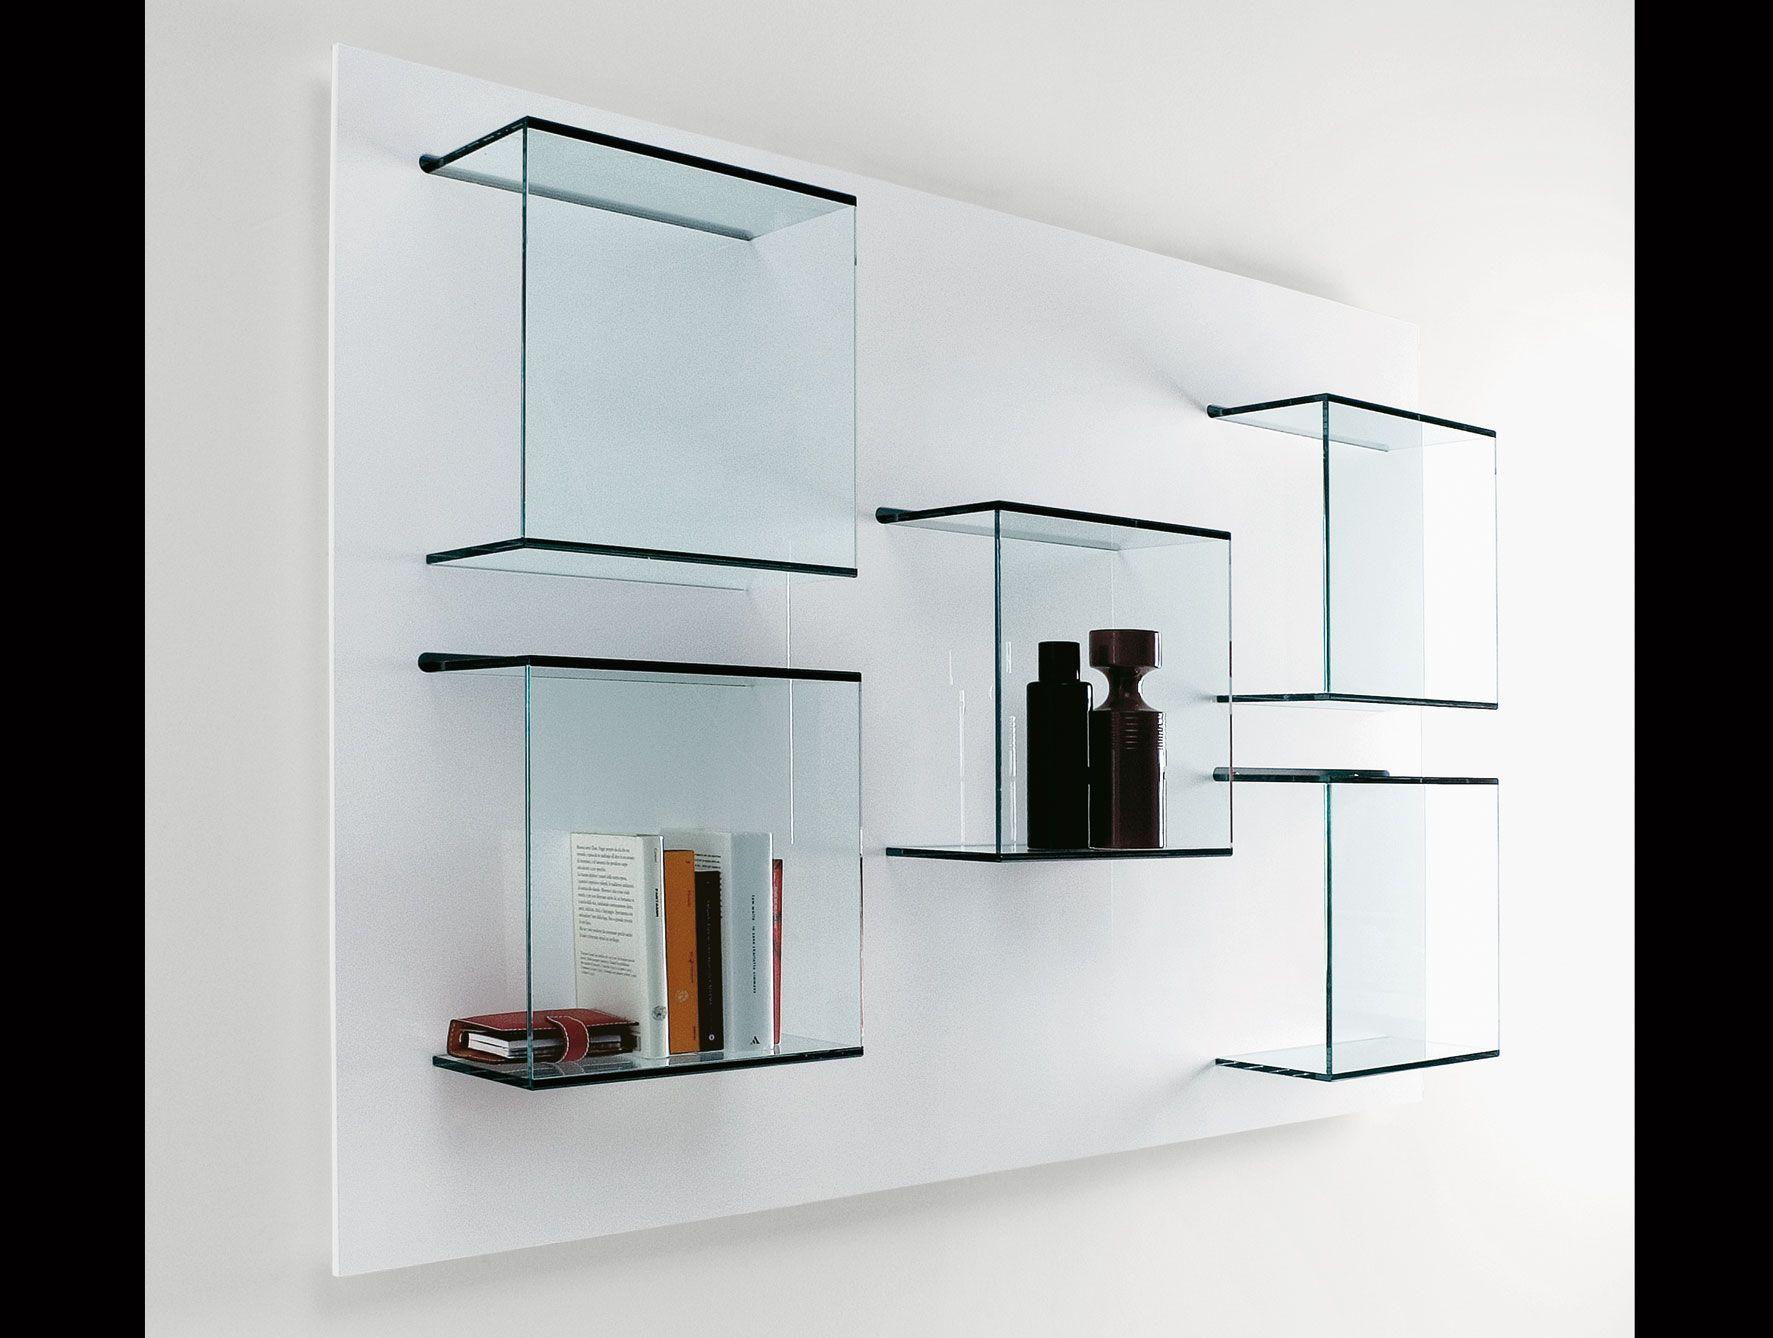 Glass Bookshelf Prateleiras De Vidro Nicho De Vidro Prateleiras